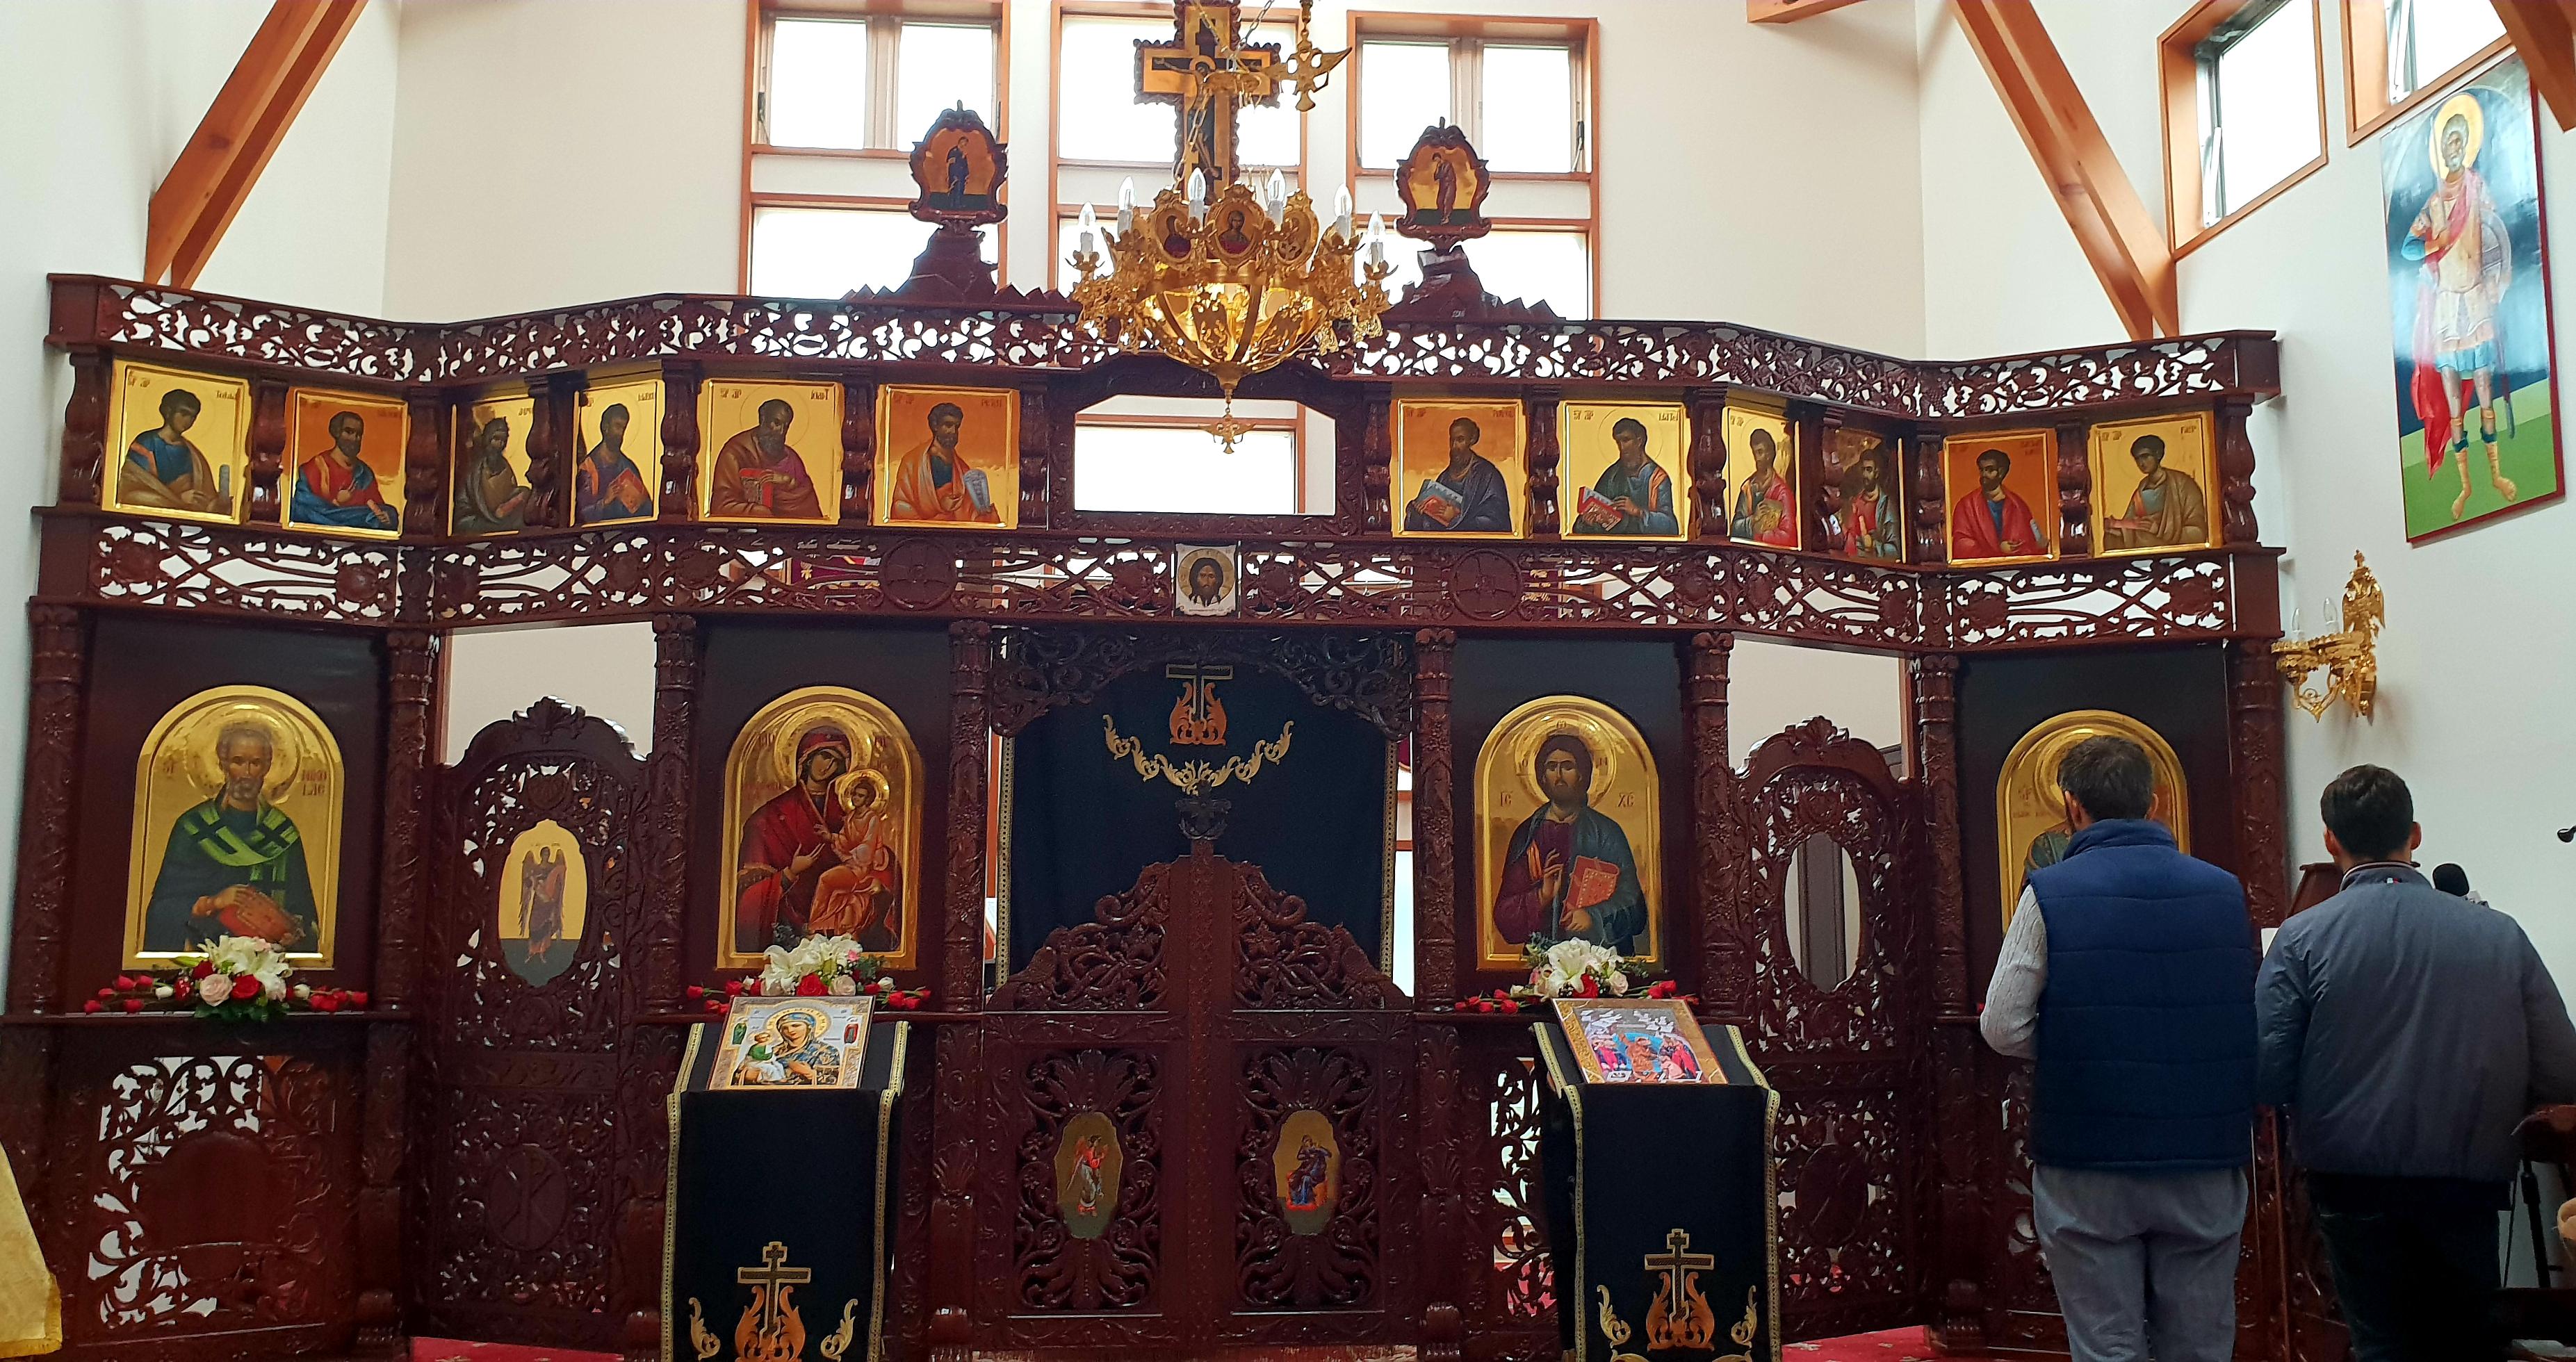 Despre cum s-a împărtăşit copilul meu la Biserica Ortodoxă Română din Tokyo + Poze